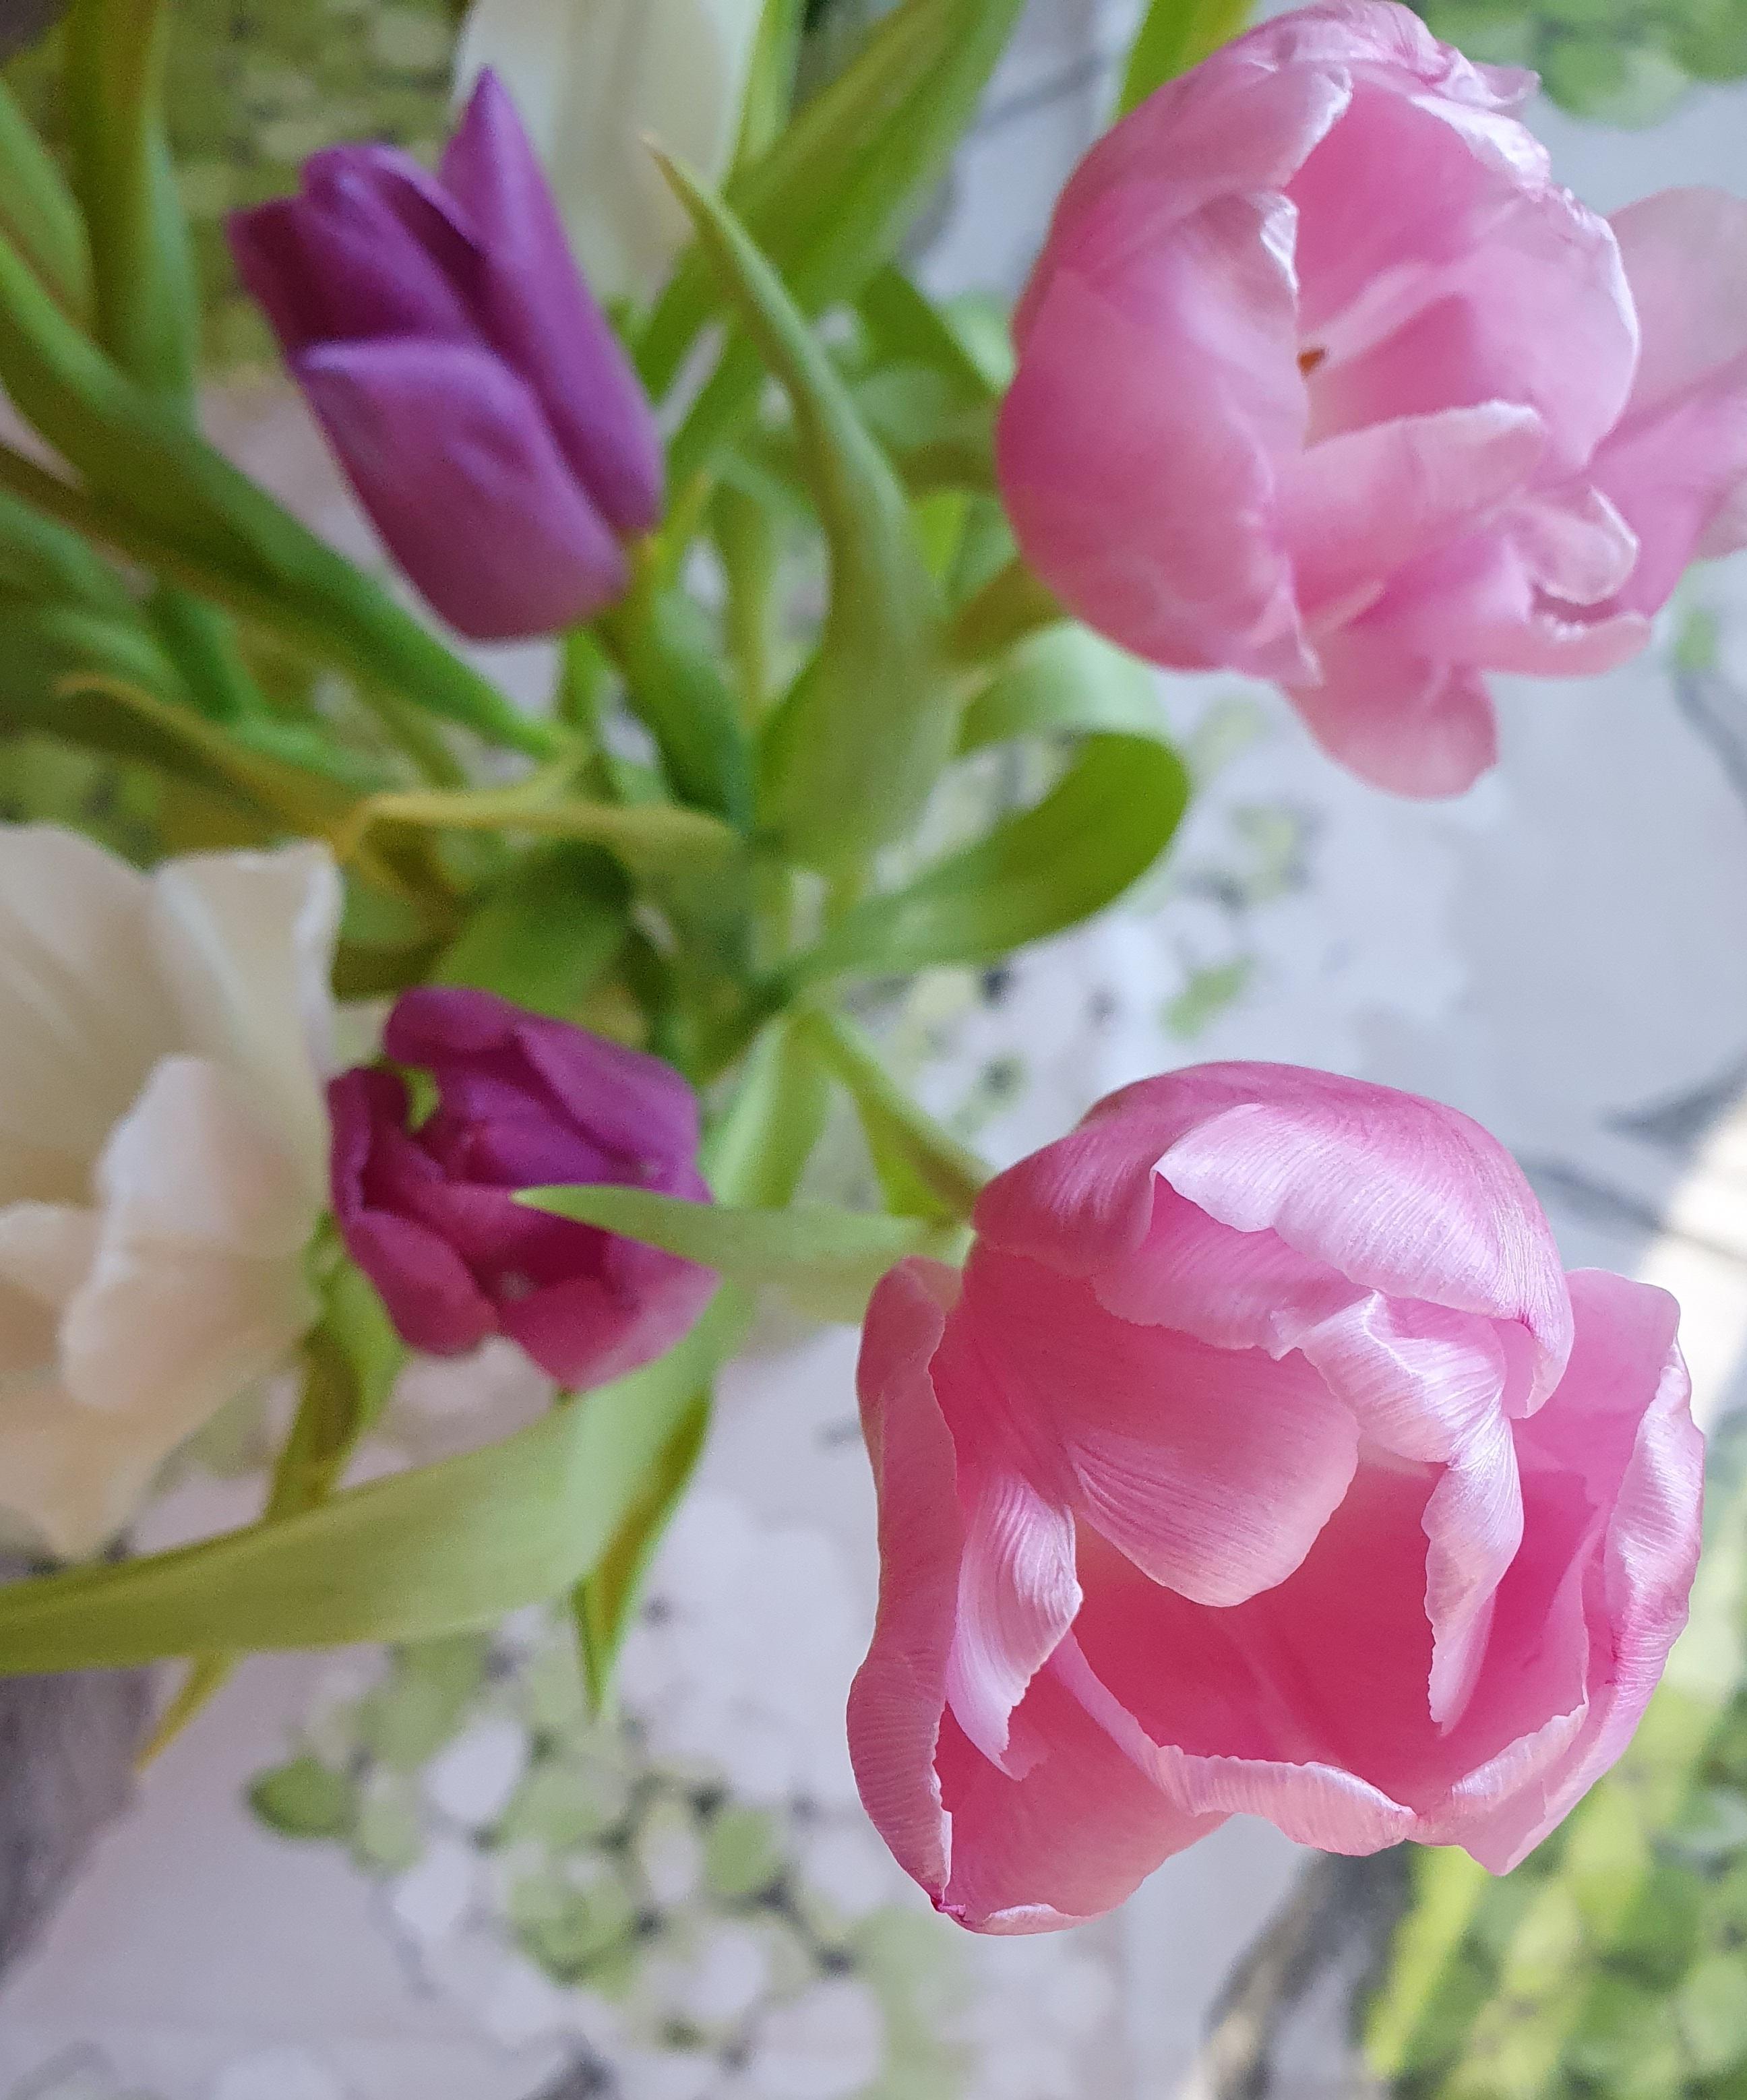 vaaleanpunaisia, liiloja ja valkoisia tulppaaneita